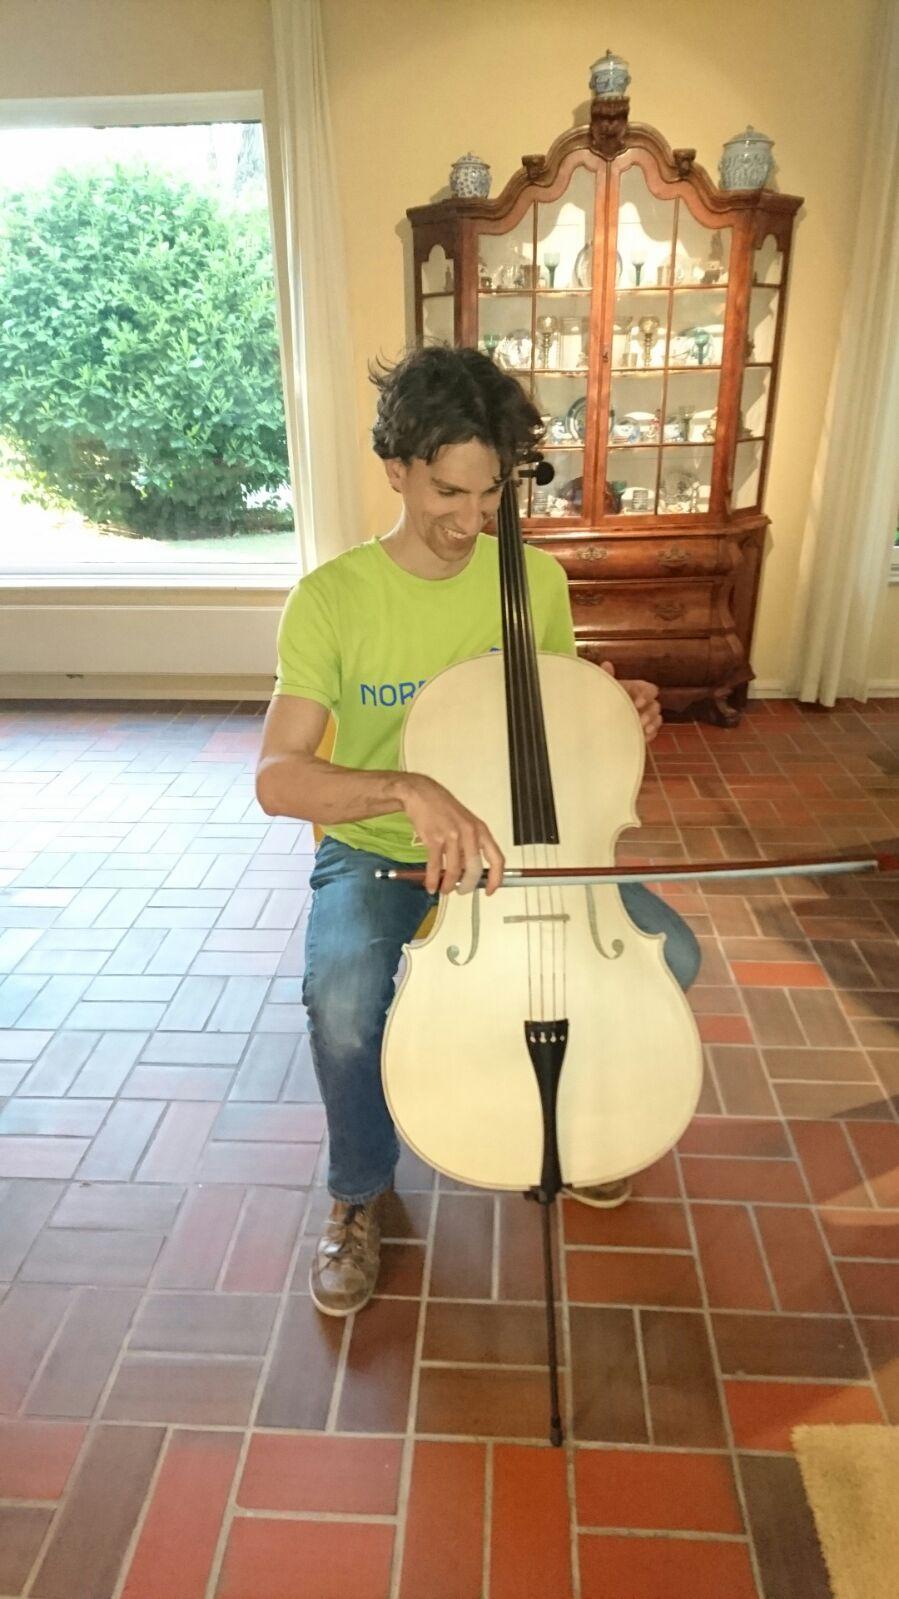 De cello van Daan